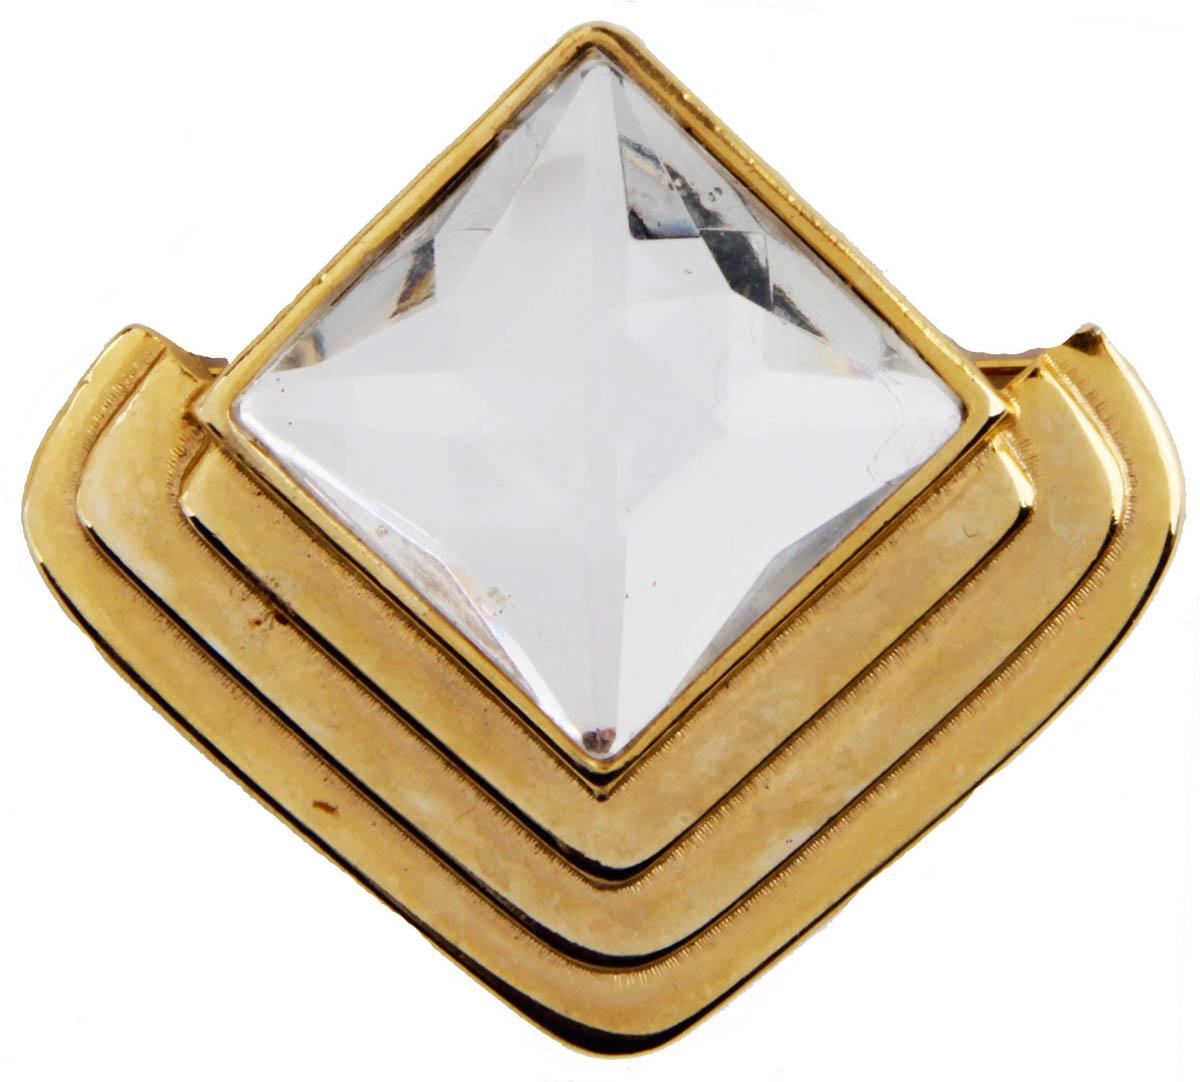 Брошь Элегантность. Бижутерный сплав, австрийские кристаллы. США, конец XX векаОС29227Брошь Элегантность. Бижутерный сплав, австрийские кристаллы. США, конец ХХ века. Размер 5,5 х 5 см. Сохранность хорошая. Предмет не был в использовании. Филигранная брошь выполнена из бижутерного сплава золотого тона. Очаровательная, притягивающая взгляды брошь. Снабжена удобной и надежной застежкой. Брошь - отличное дополнение вашего наряда.